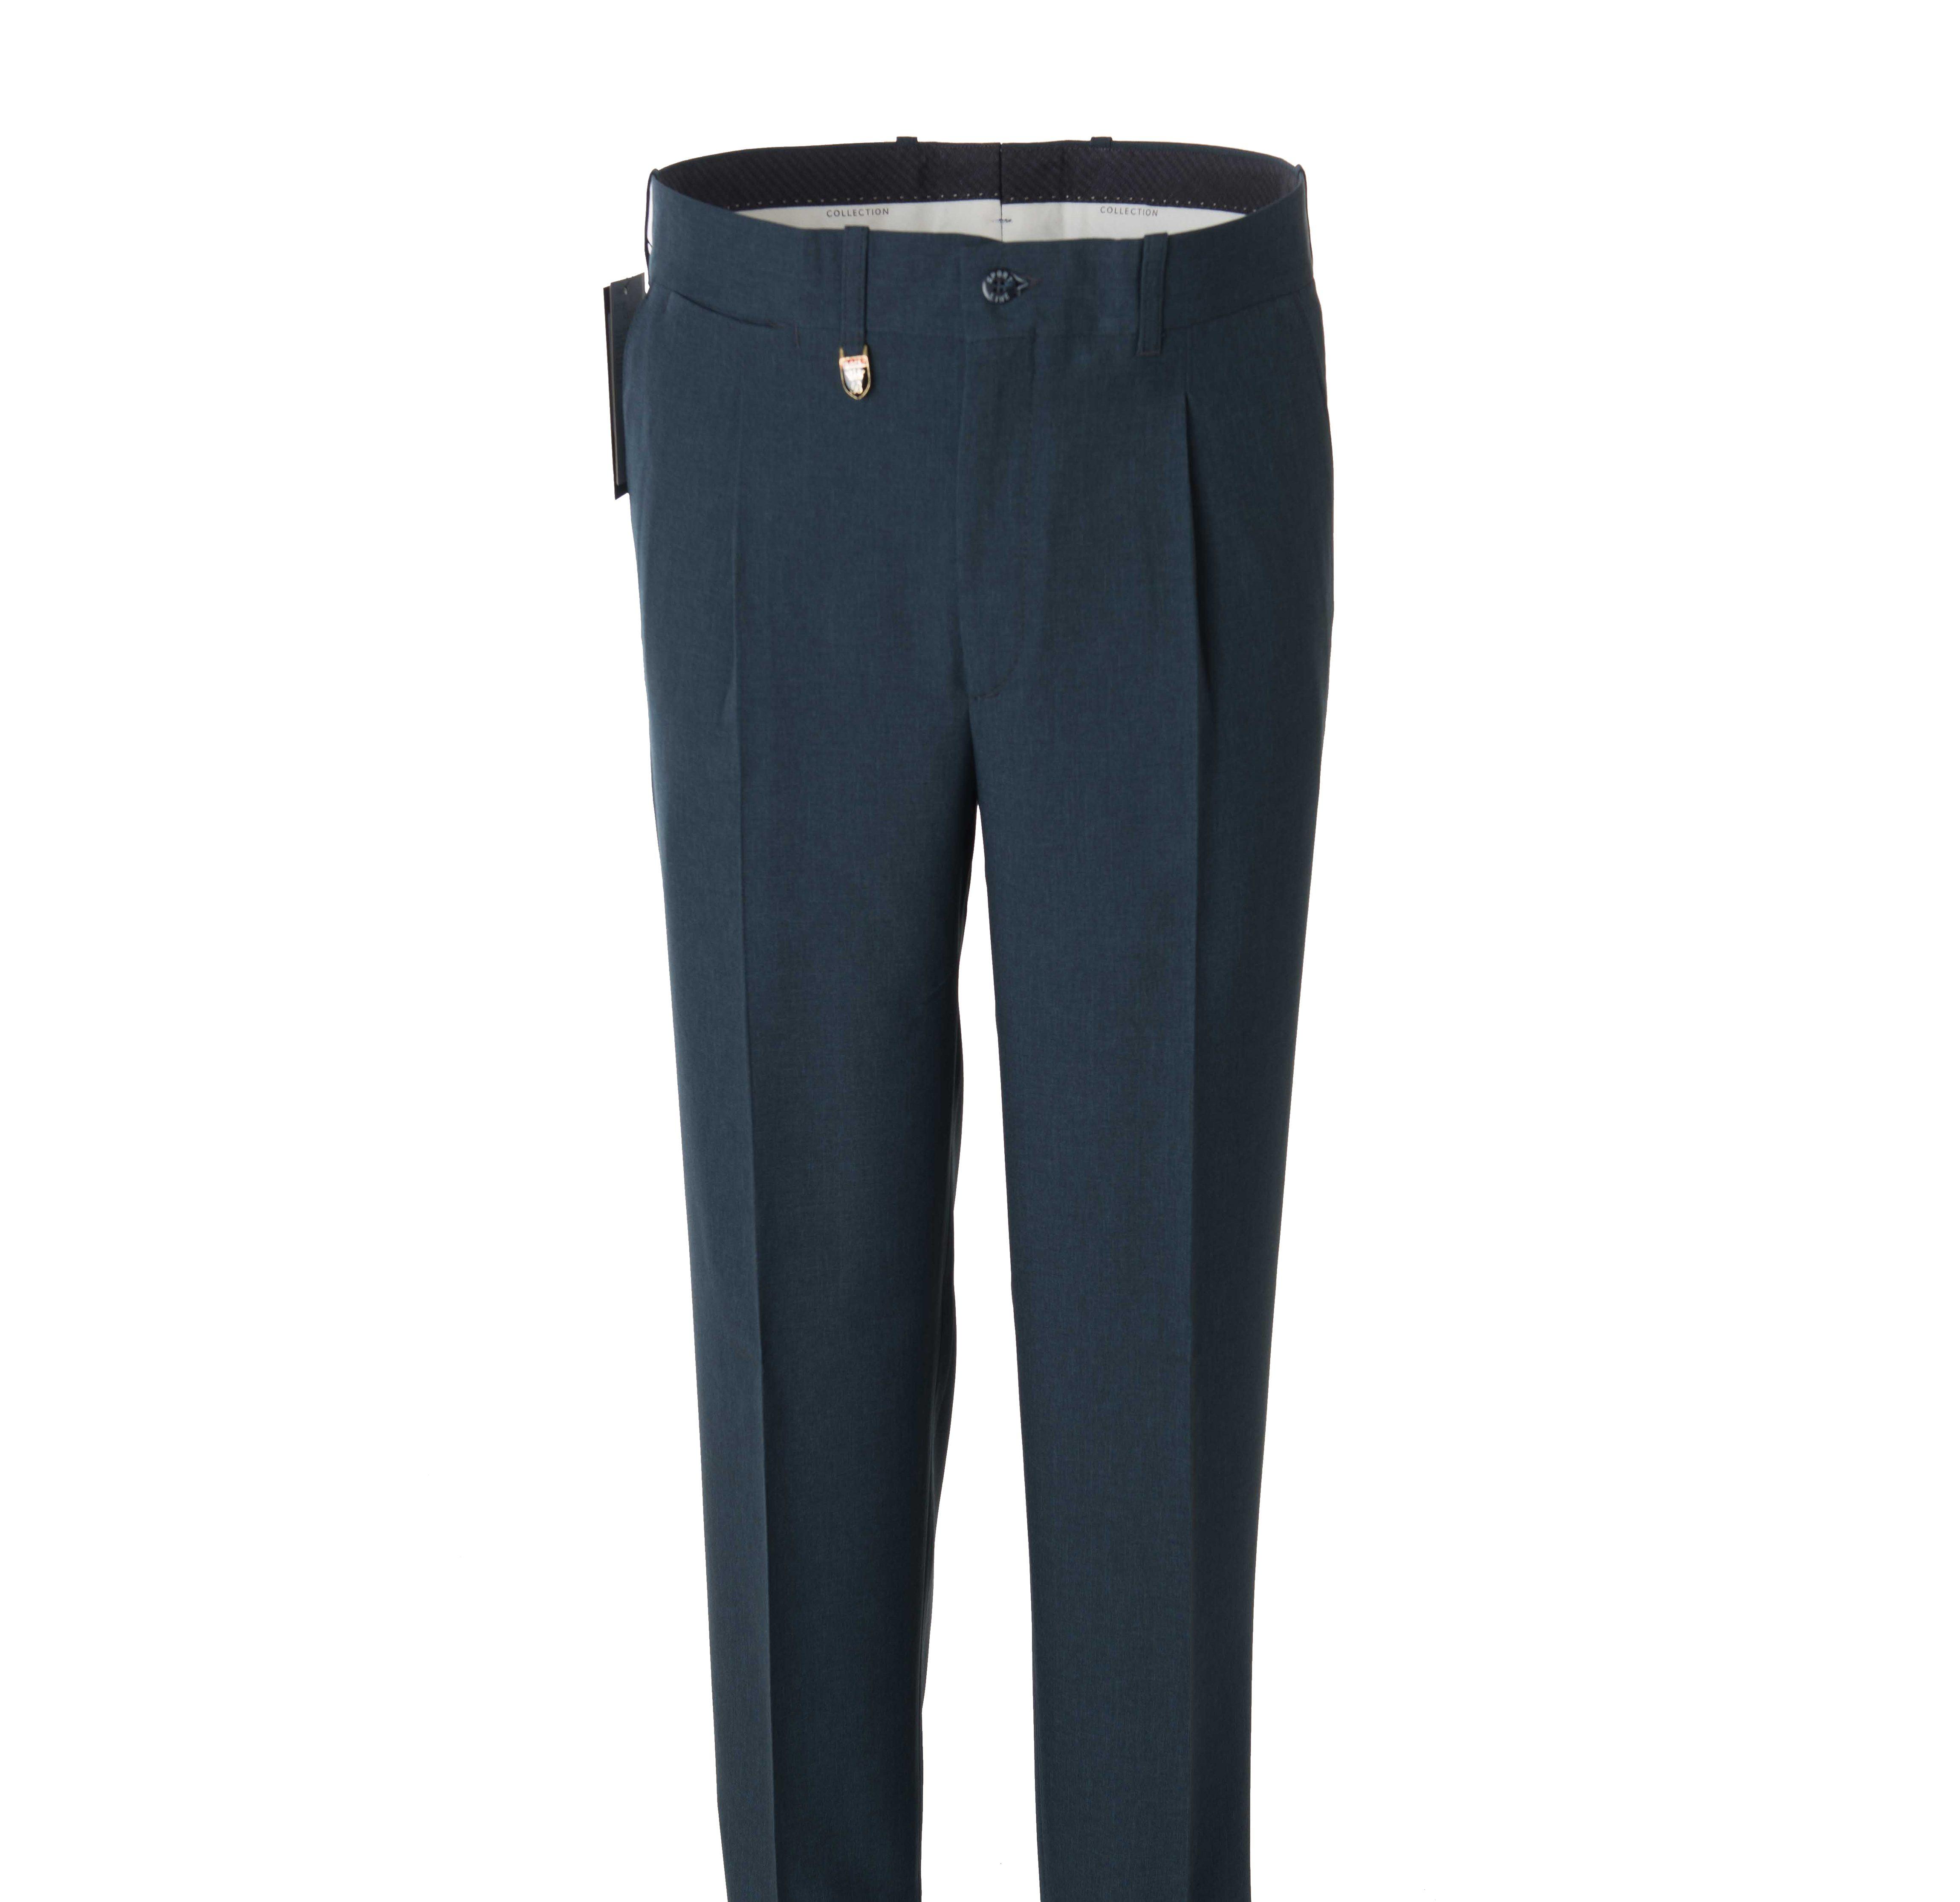 Pantalón De Vestir Pinzas Para Caballero Pantalones Blaper